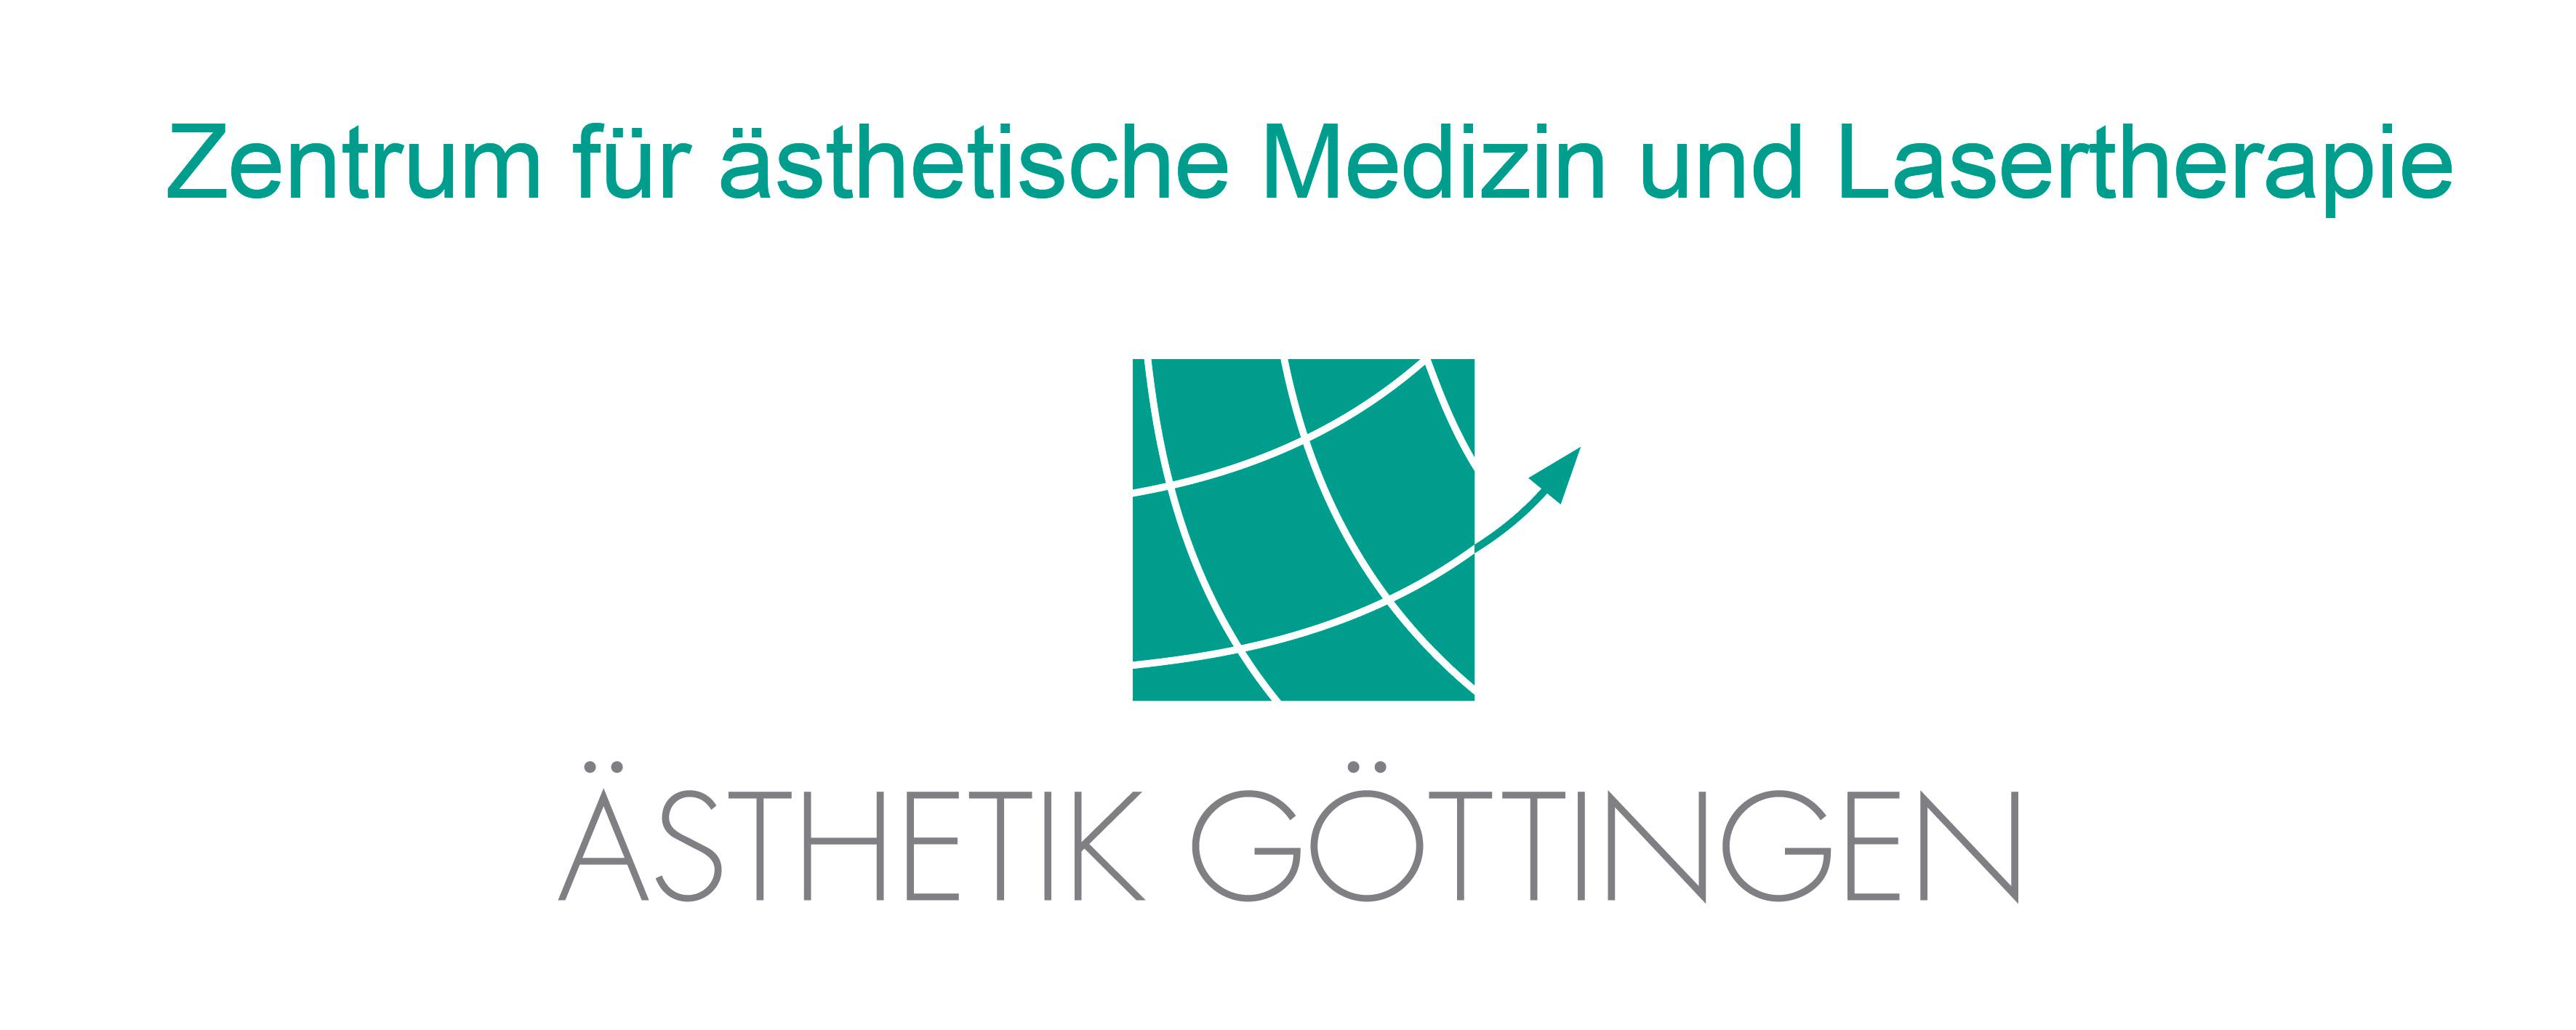 Ästhetik Göttingen